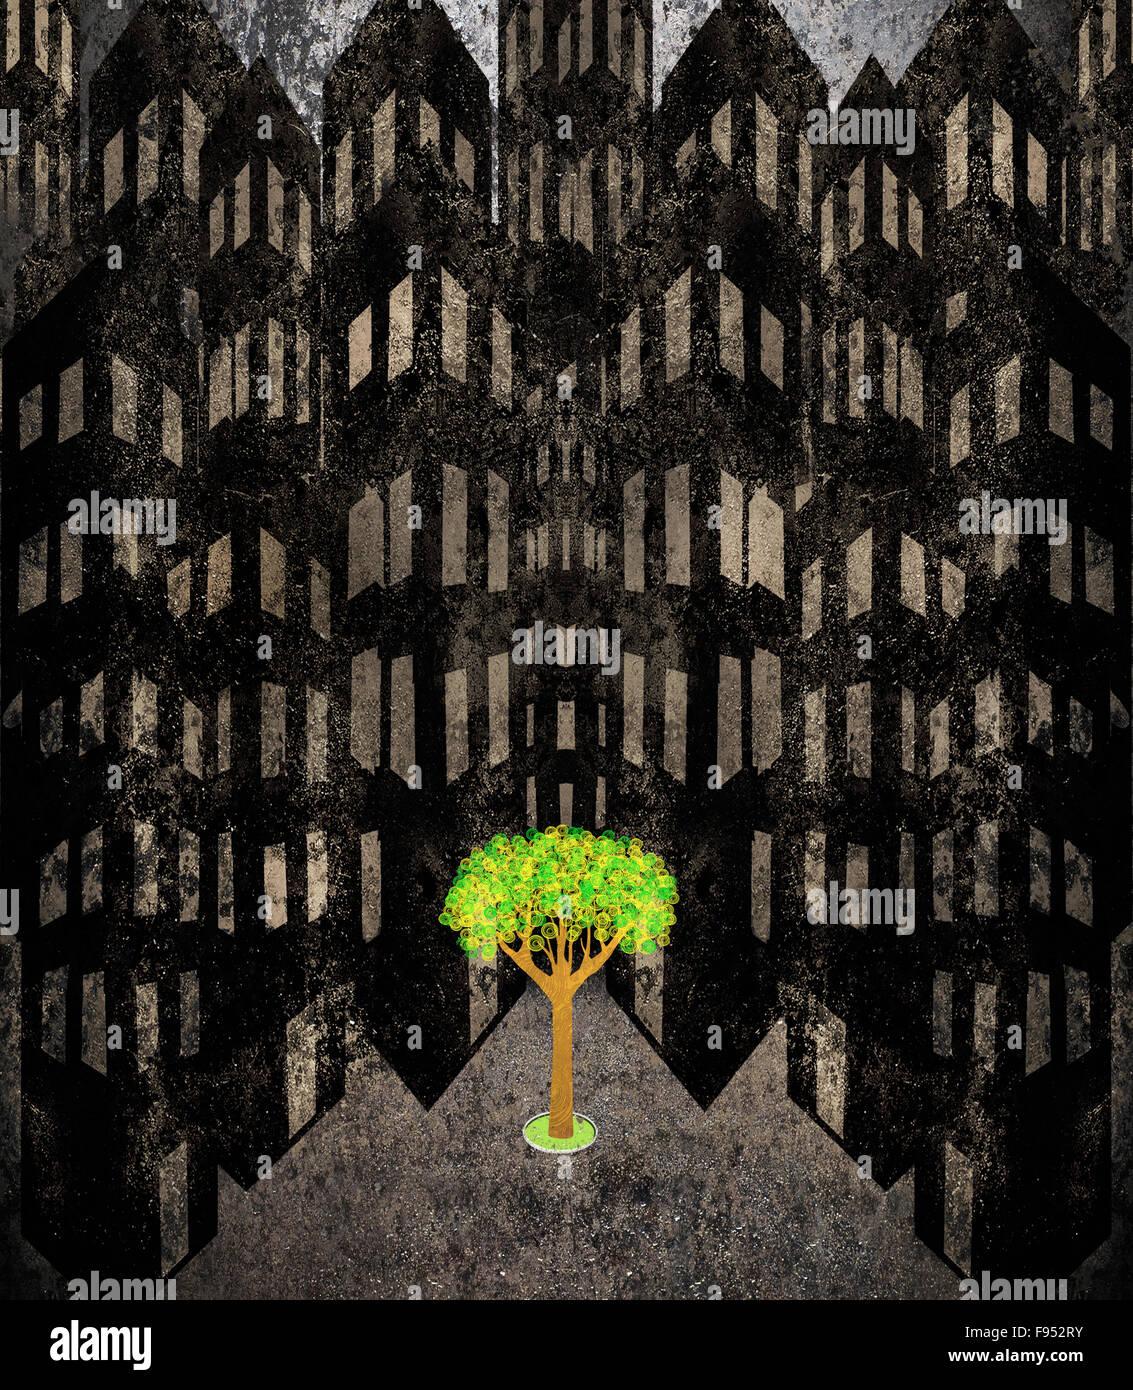 Albero solitario in un paesaggio urbano illustrazione digitale Immagini Stock